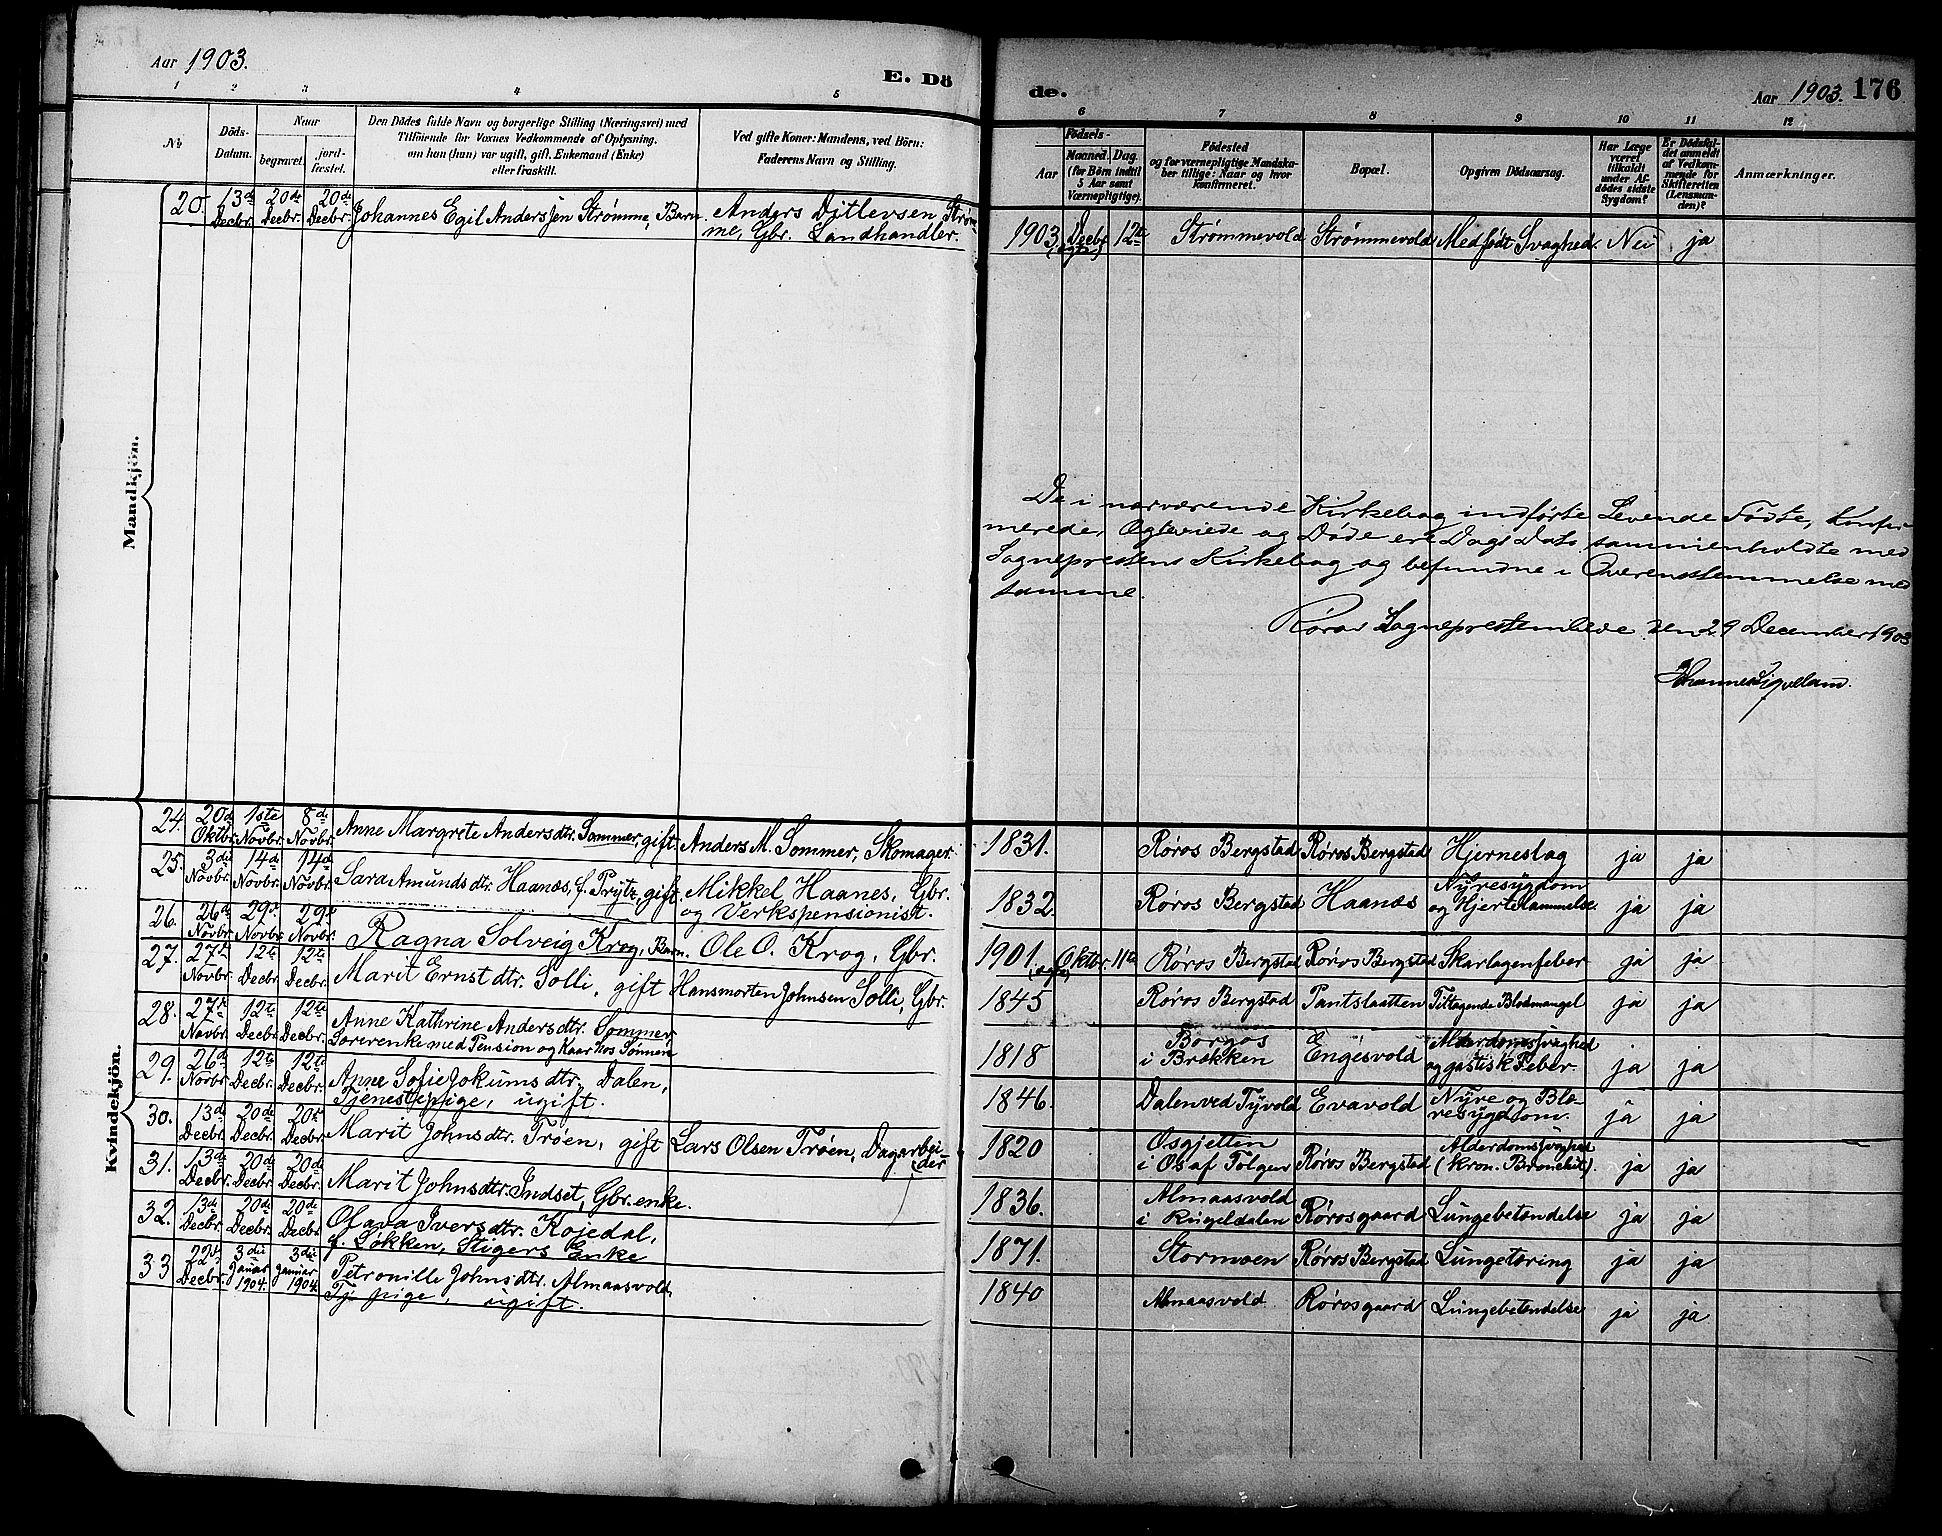 SAT, Ministerialprotokoller, klokkerbøker og fødselsregistre - Sør-Trøndelag, 681/L0941: Klokkerbok nr. 681C05, 1896-1905, s. 176